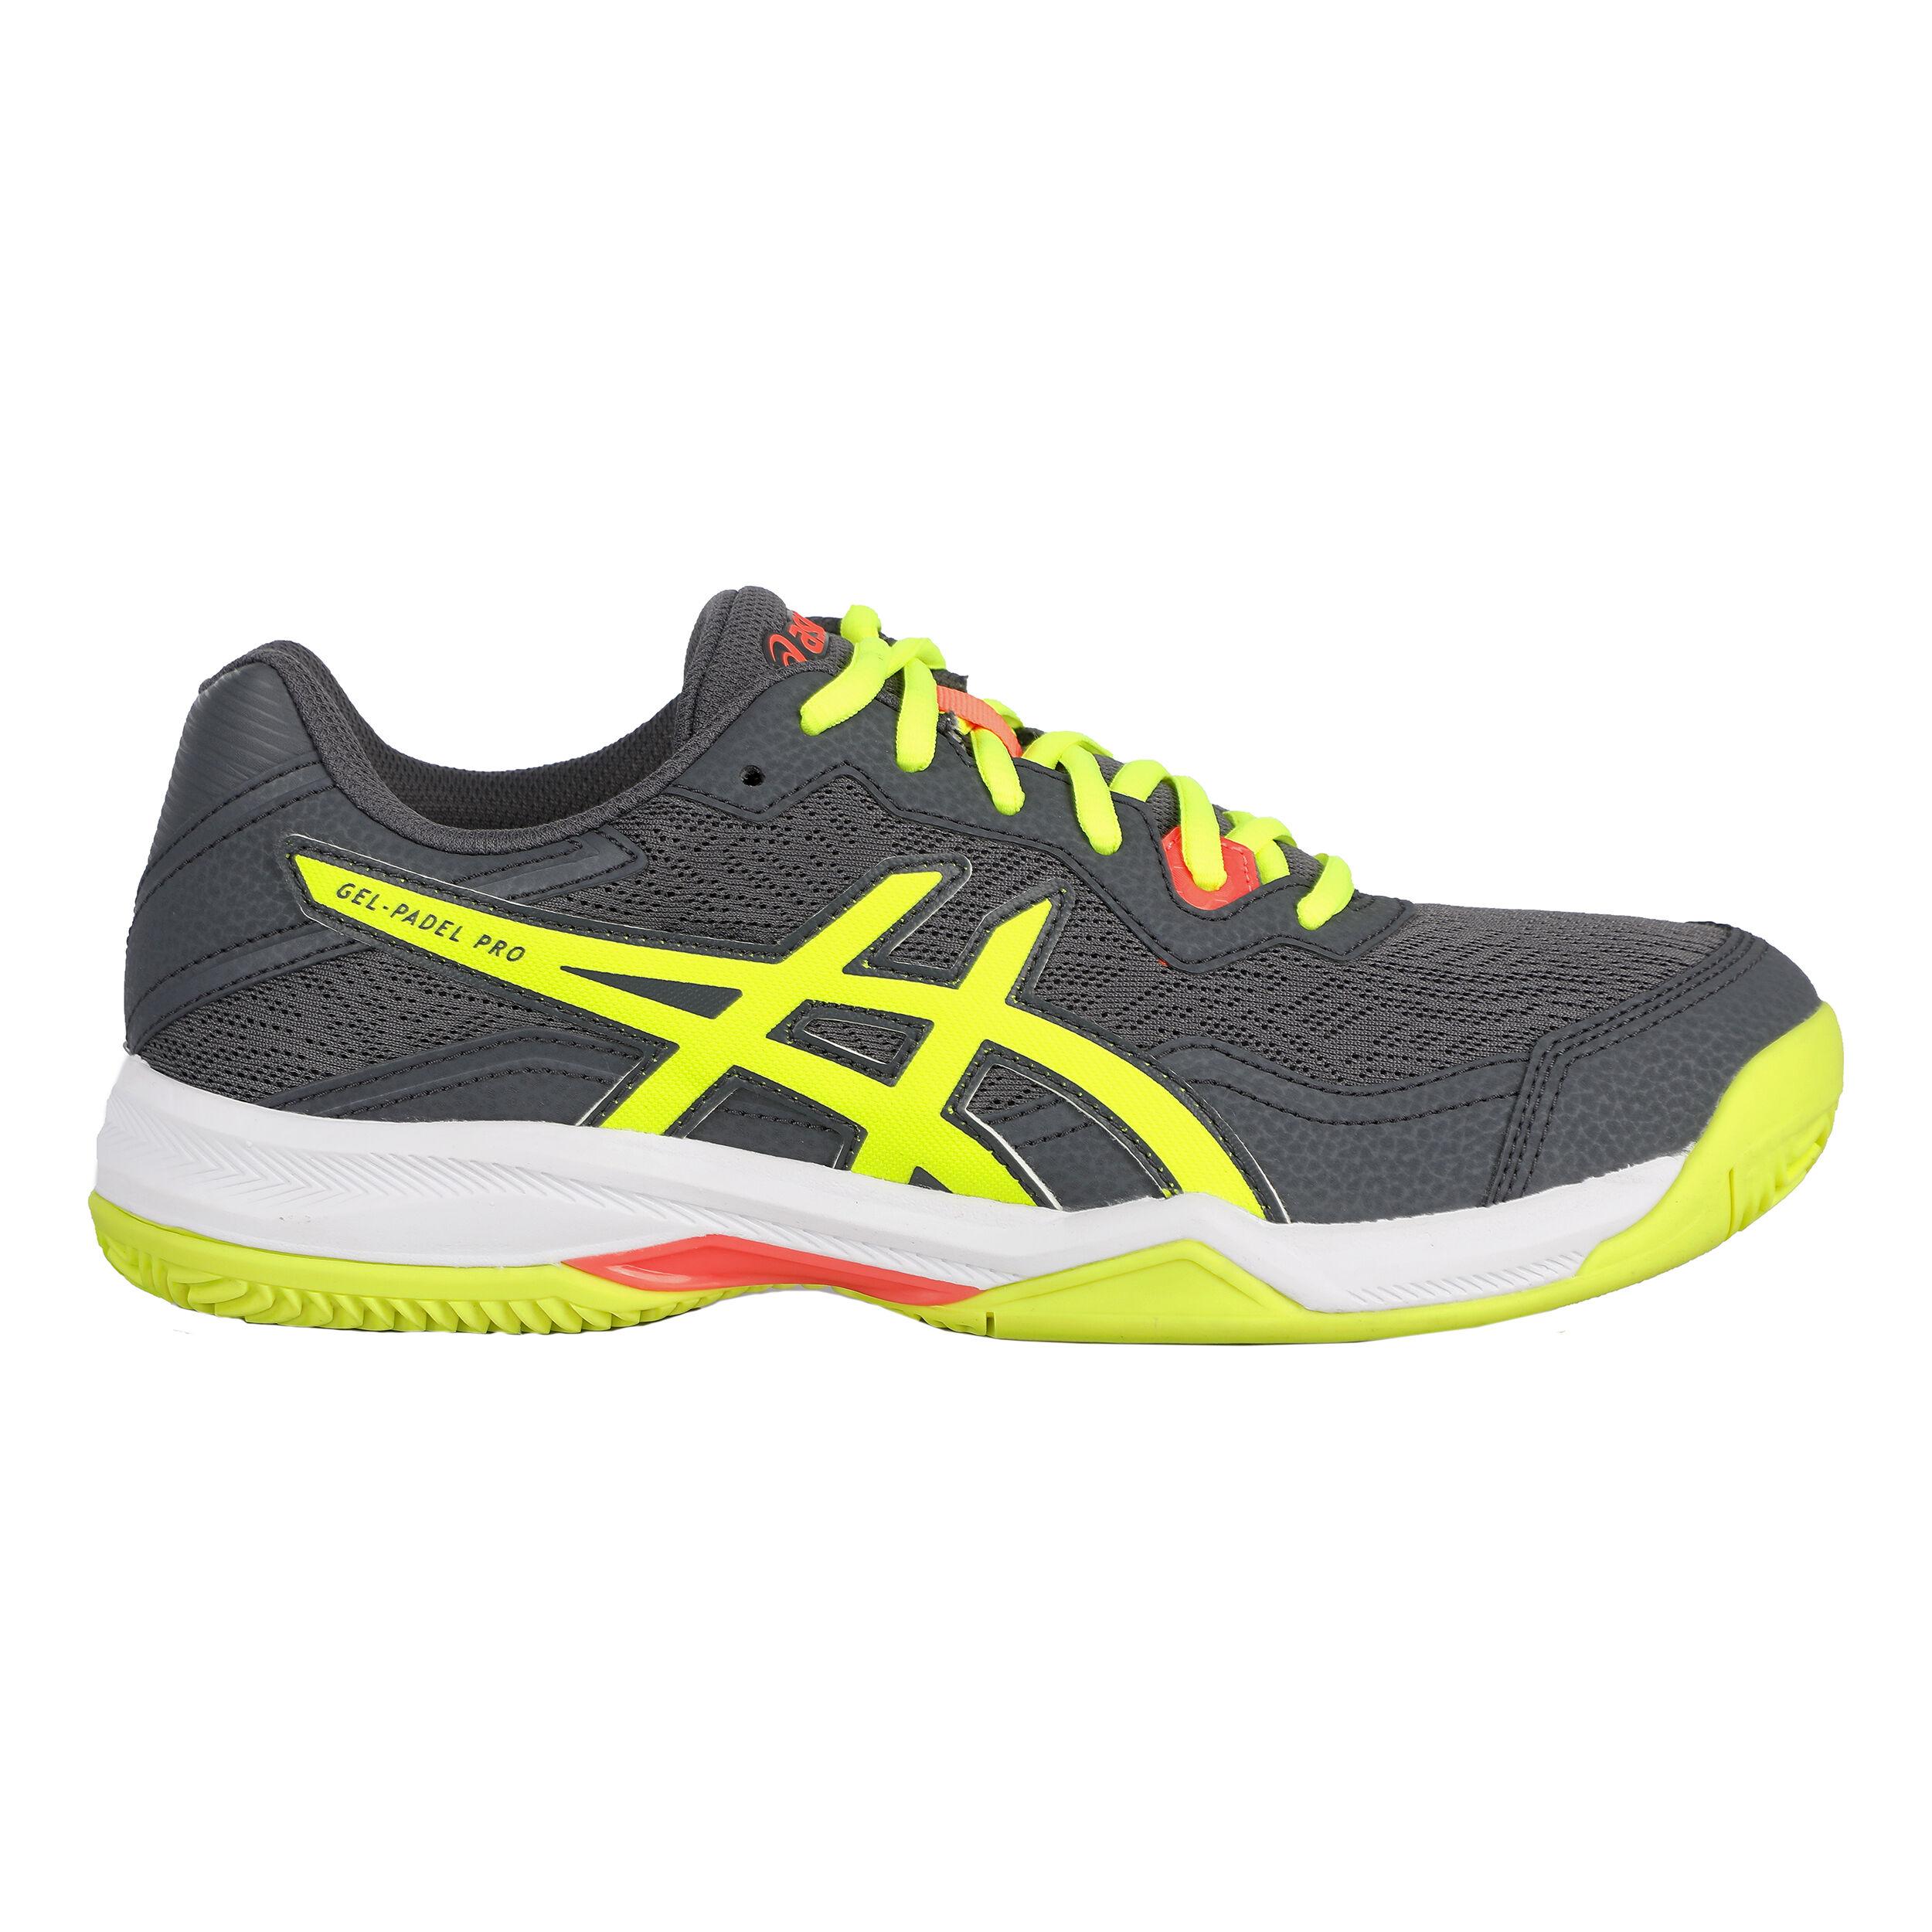 buy Asics Gel-Padel Pro 4 Padel Shoe Men - Dark Grey, Neon Yellow ...